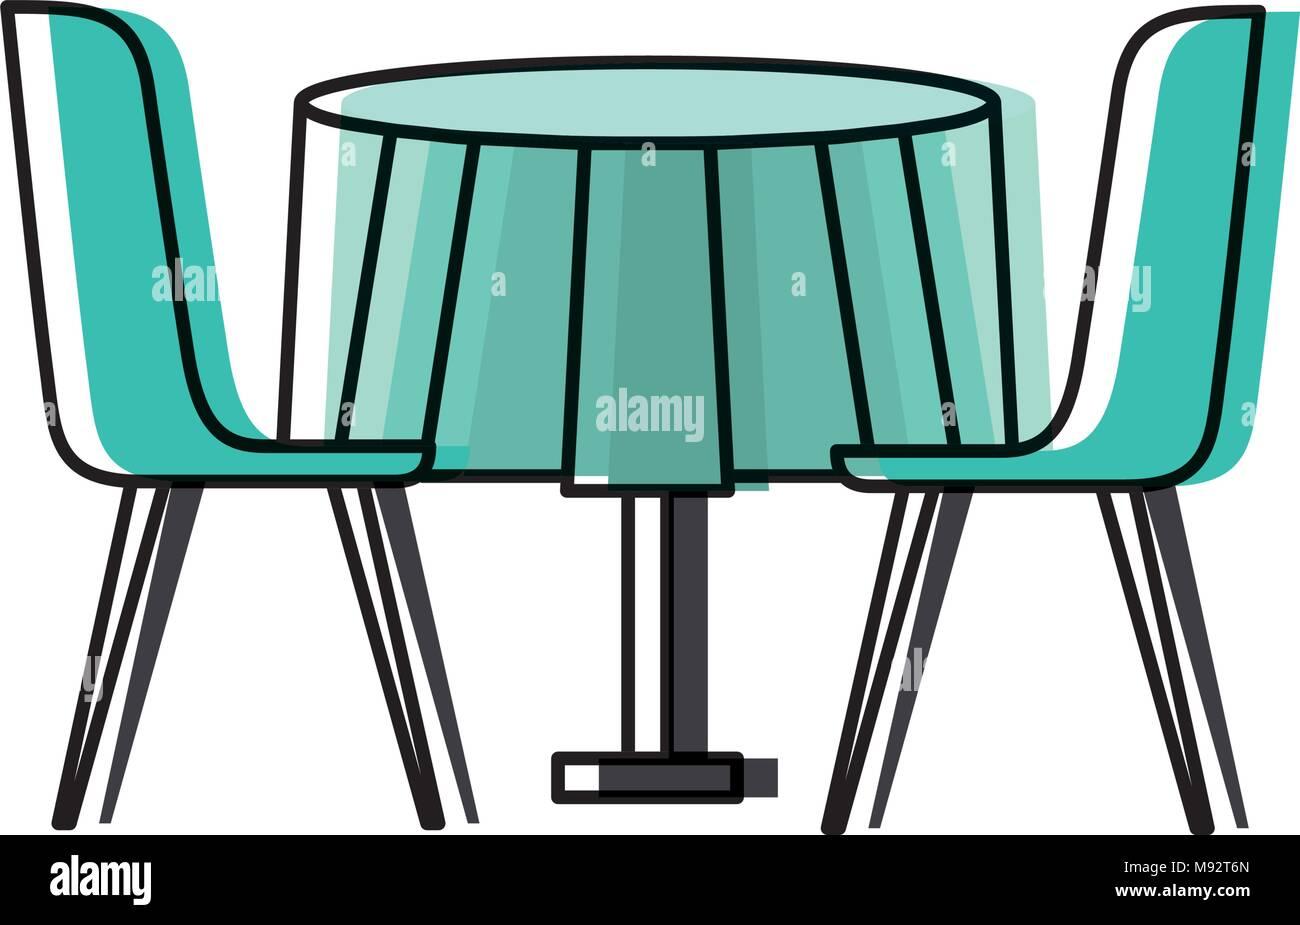 Möbel Restaurant Paar Stuhl Und Runder Tisch Vektor Abbildung Bild